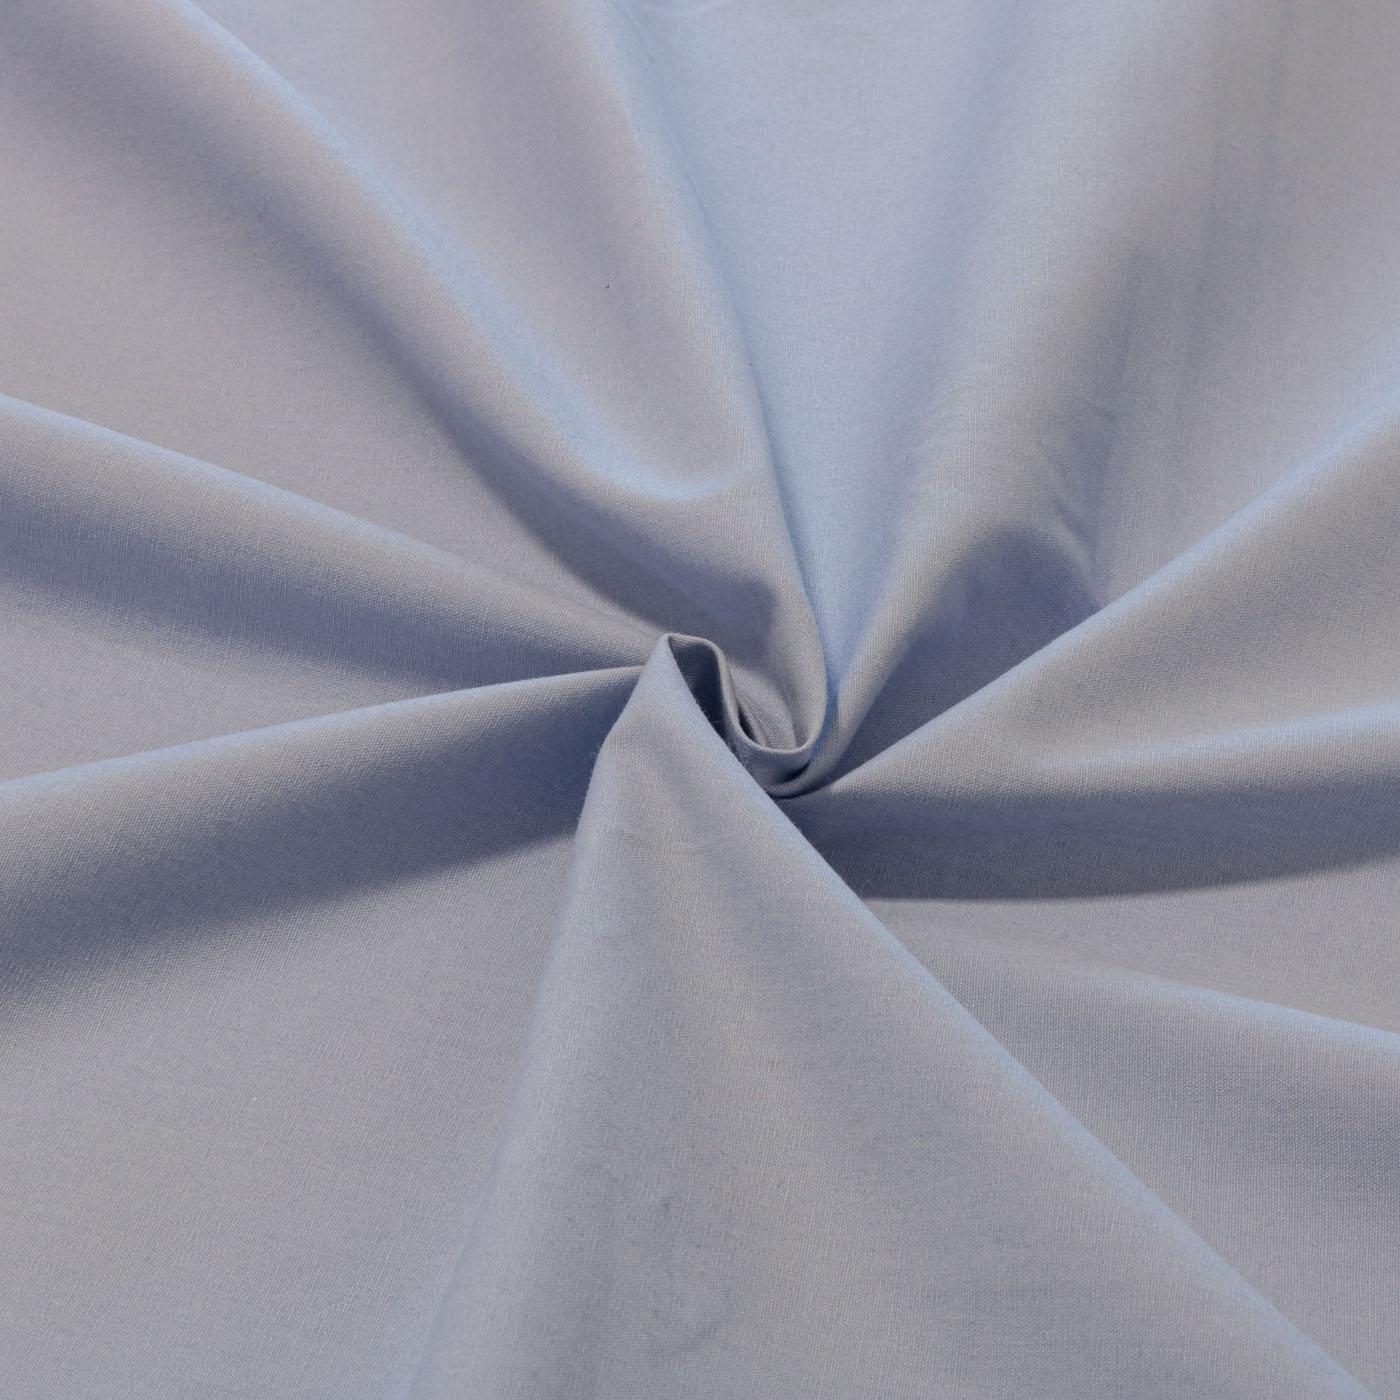 Tecido Percal Liso 100% Algodão 2,50 m Largura Azul Claro